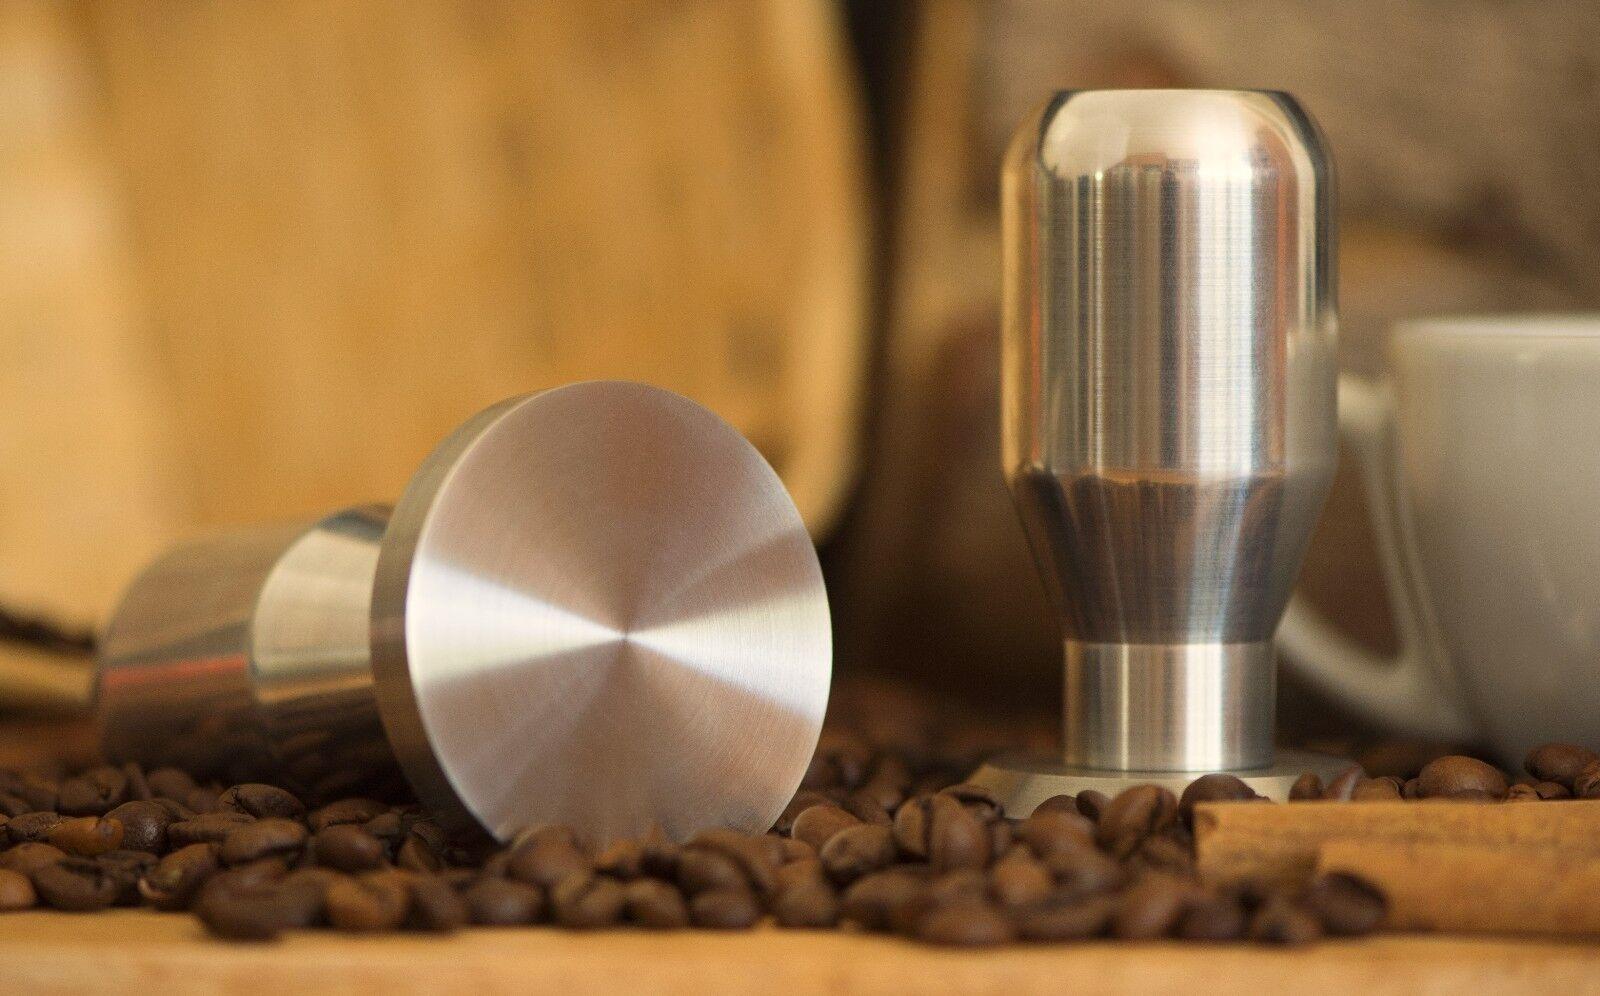 Argent Professionnel 49-58 mm café espresso Tamper 100% de base en acier inoxydable